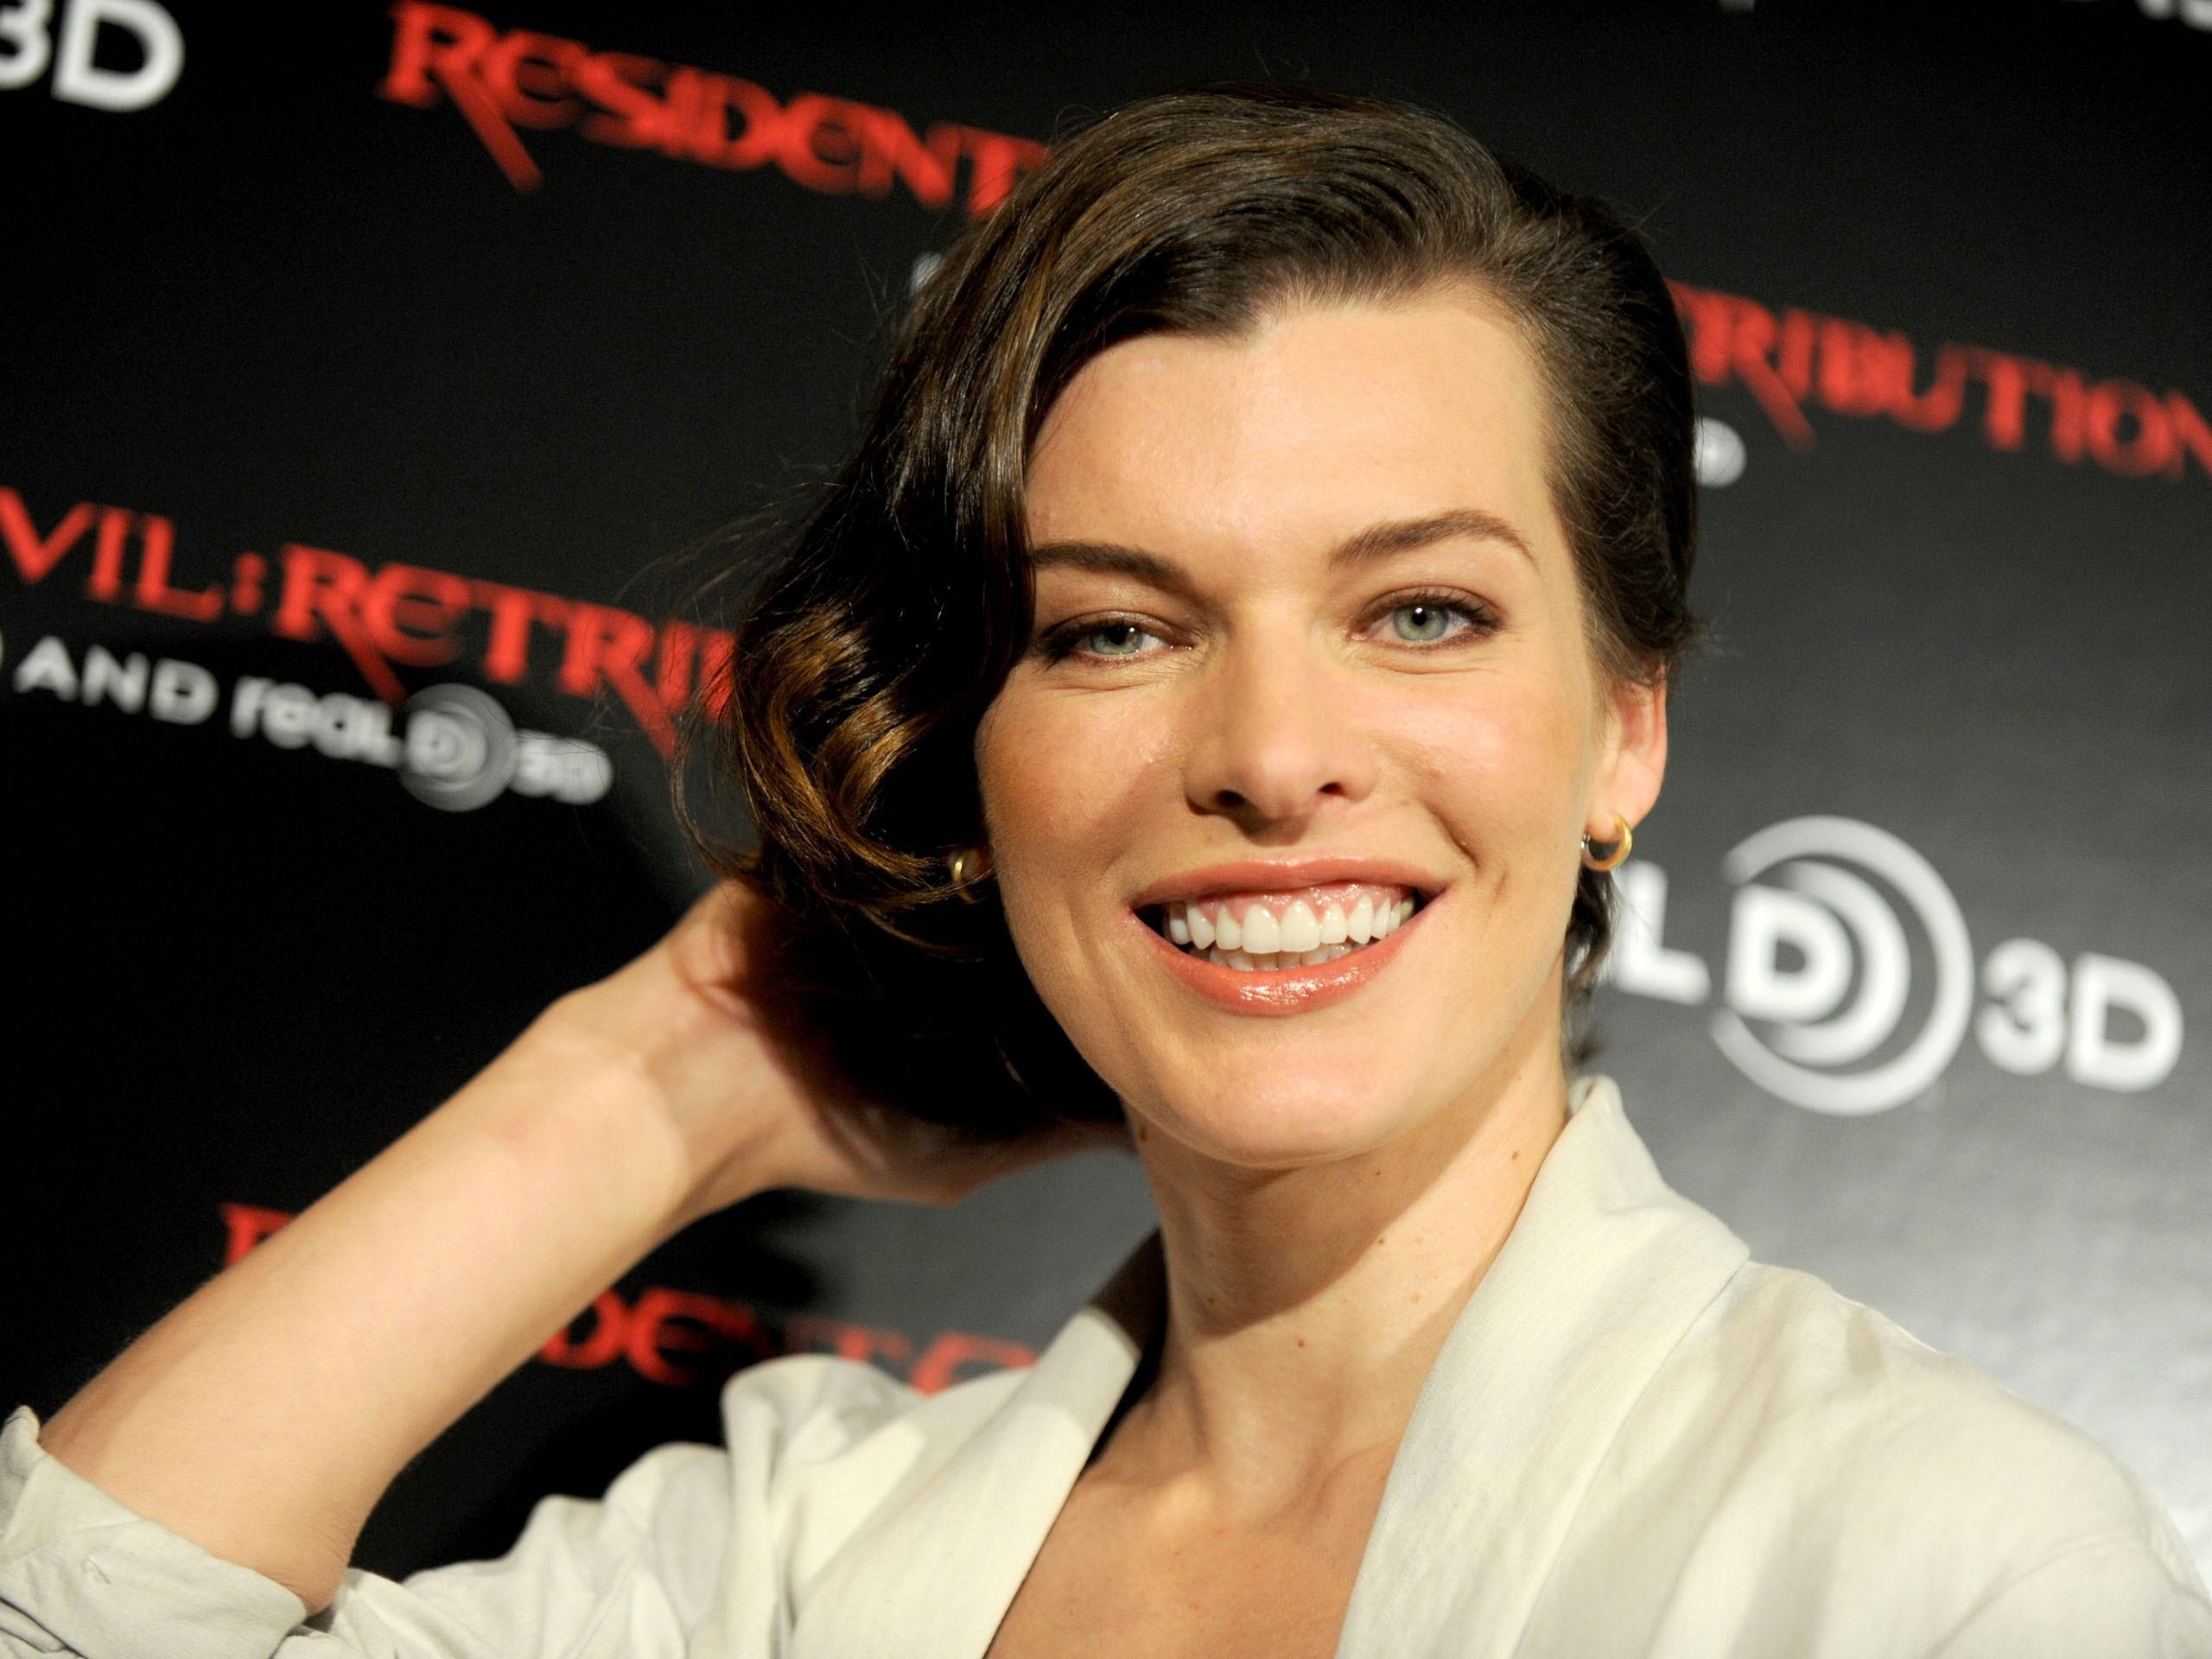 Smiling-Milla-Jovovich-in-Resident-Evil